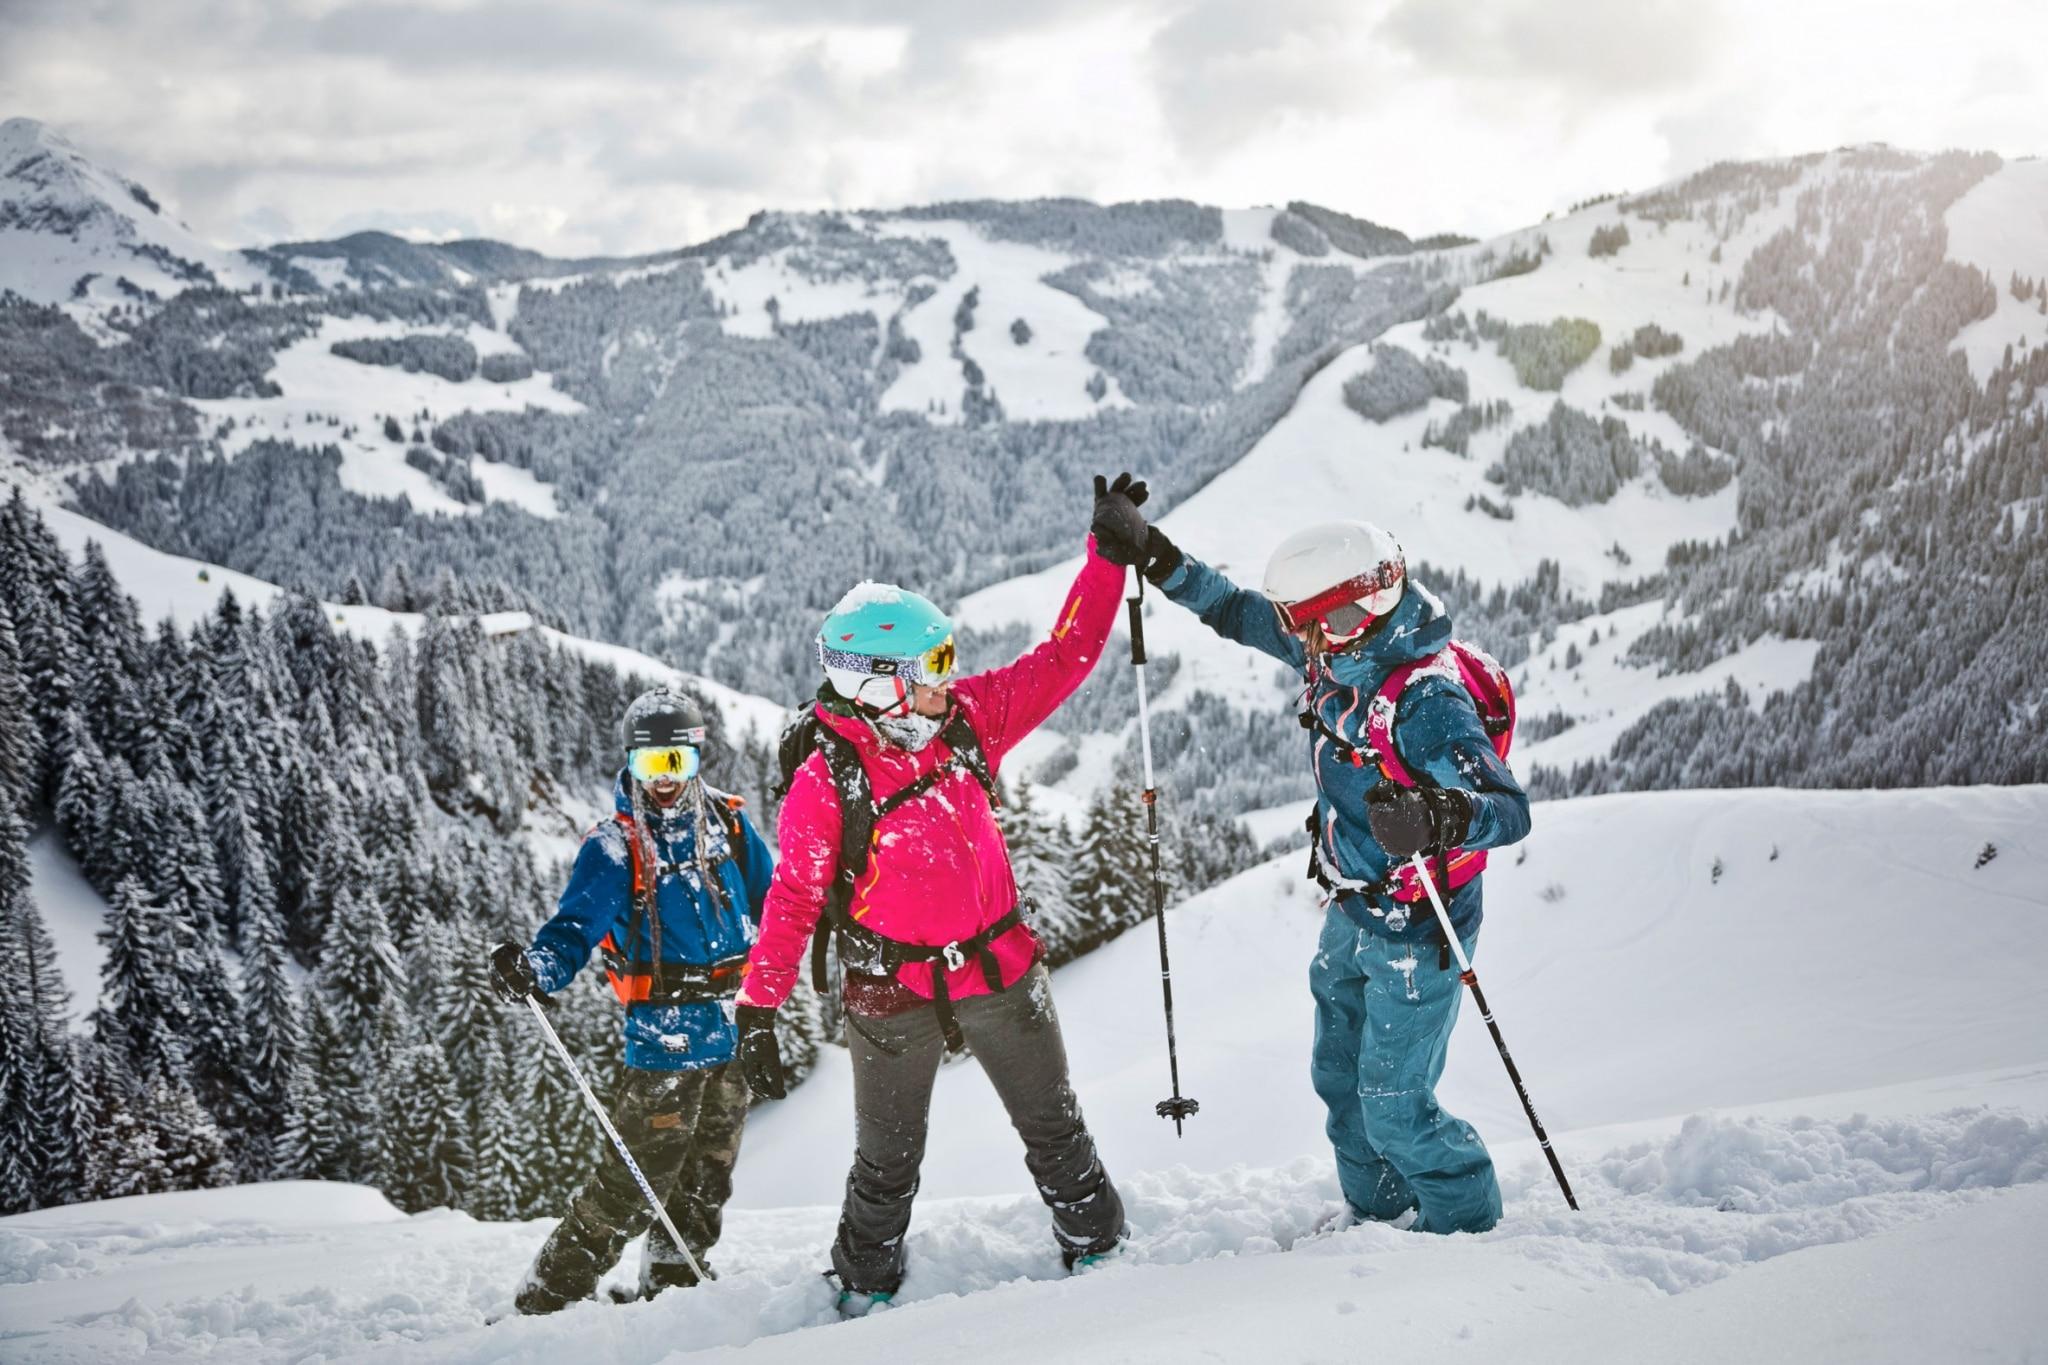 Skisportler schlagen ein